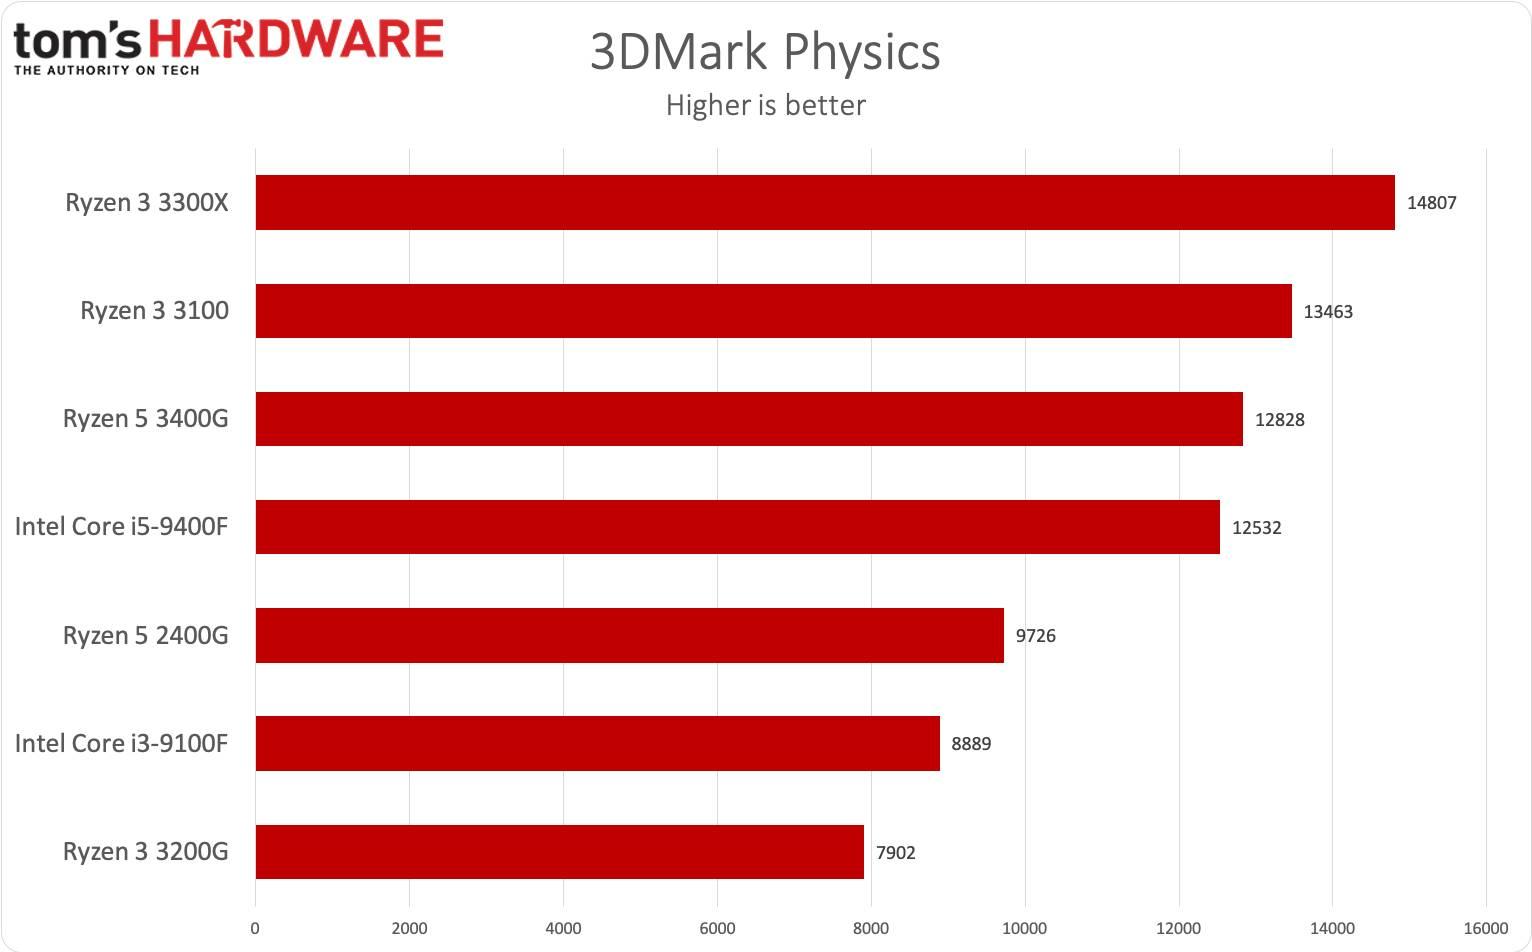 Ryzen 3 3300X e Ryzen 3 3100 - 3DMark Physics